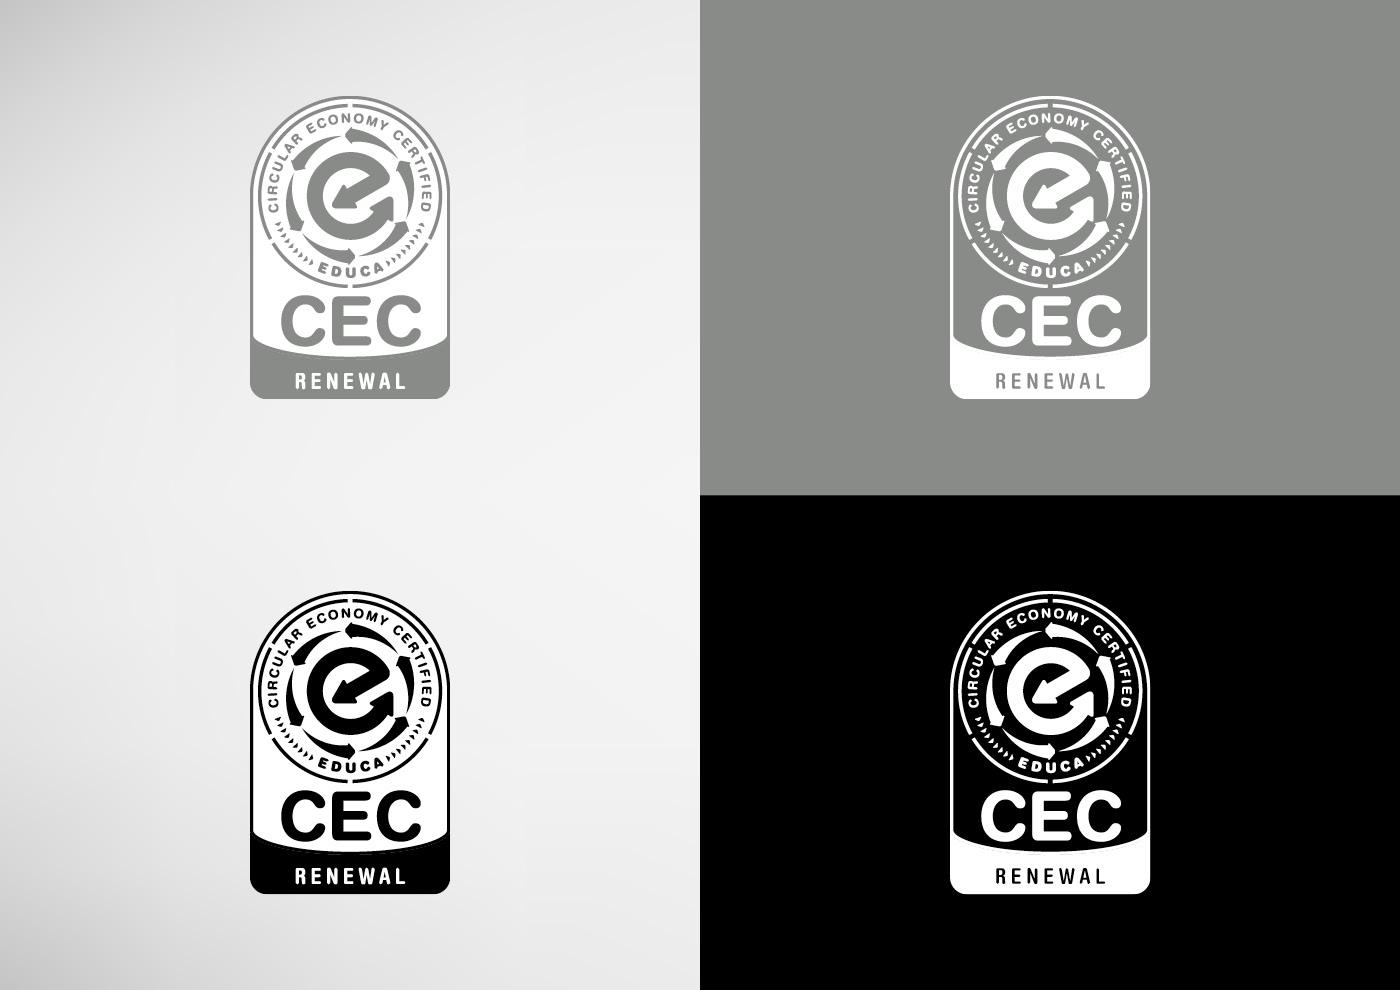 Educa - Sello Economía Circular - Ivan Diez